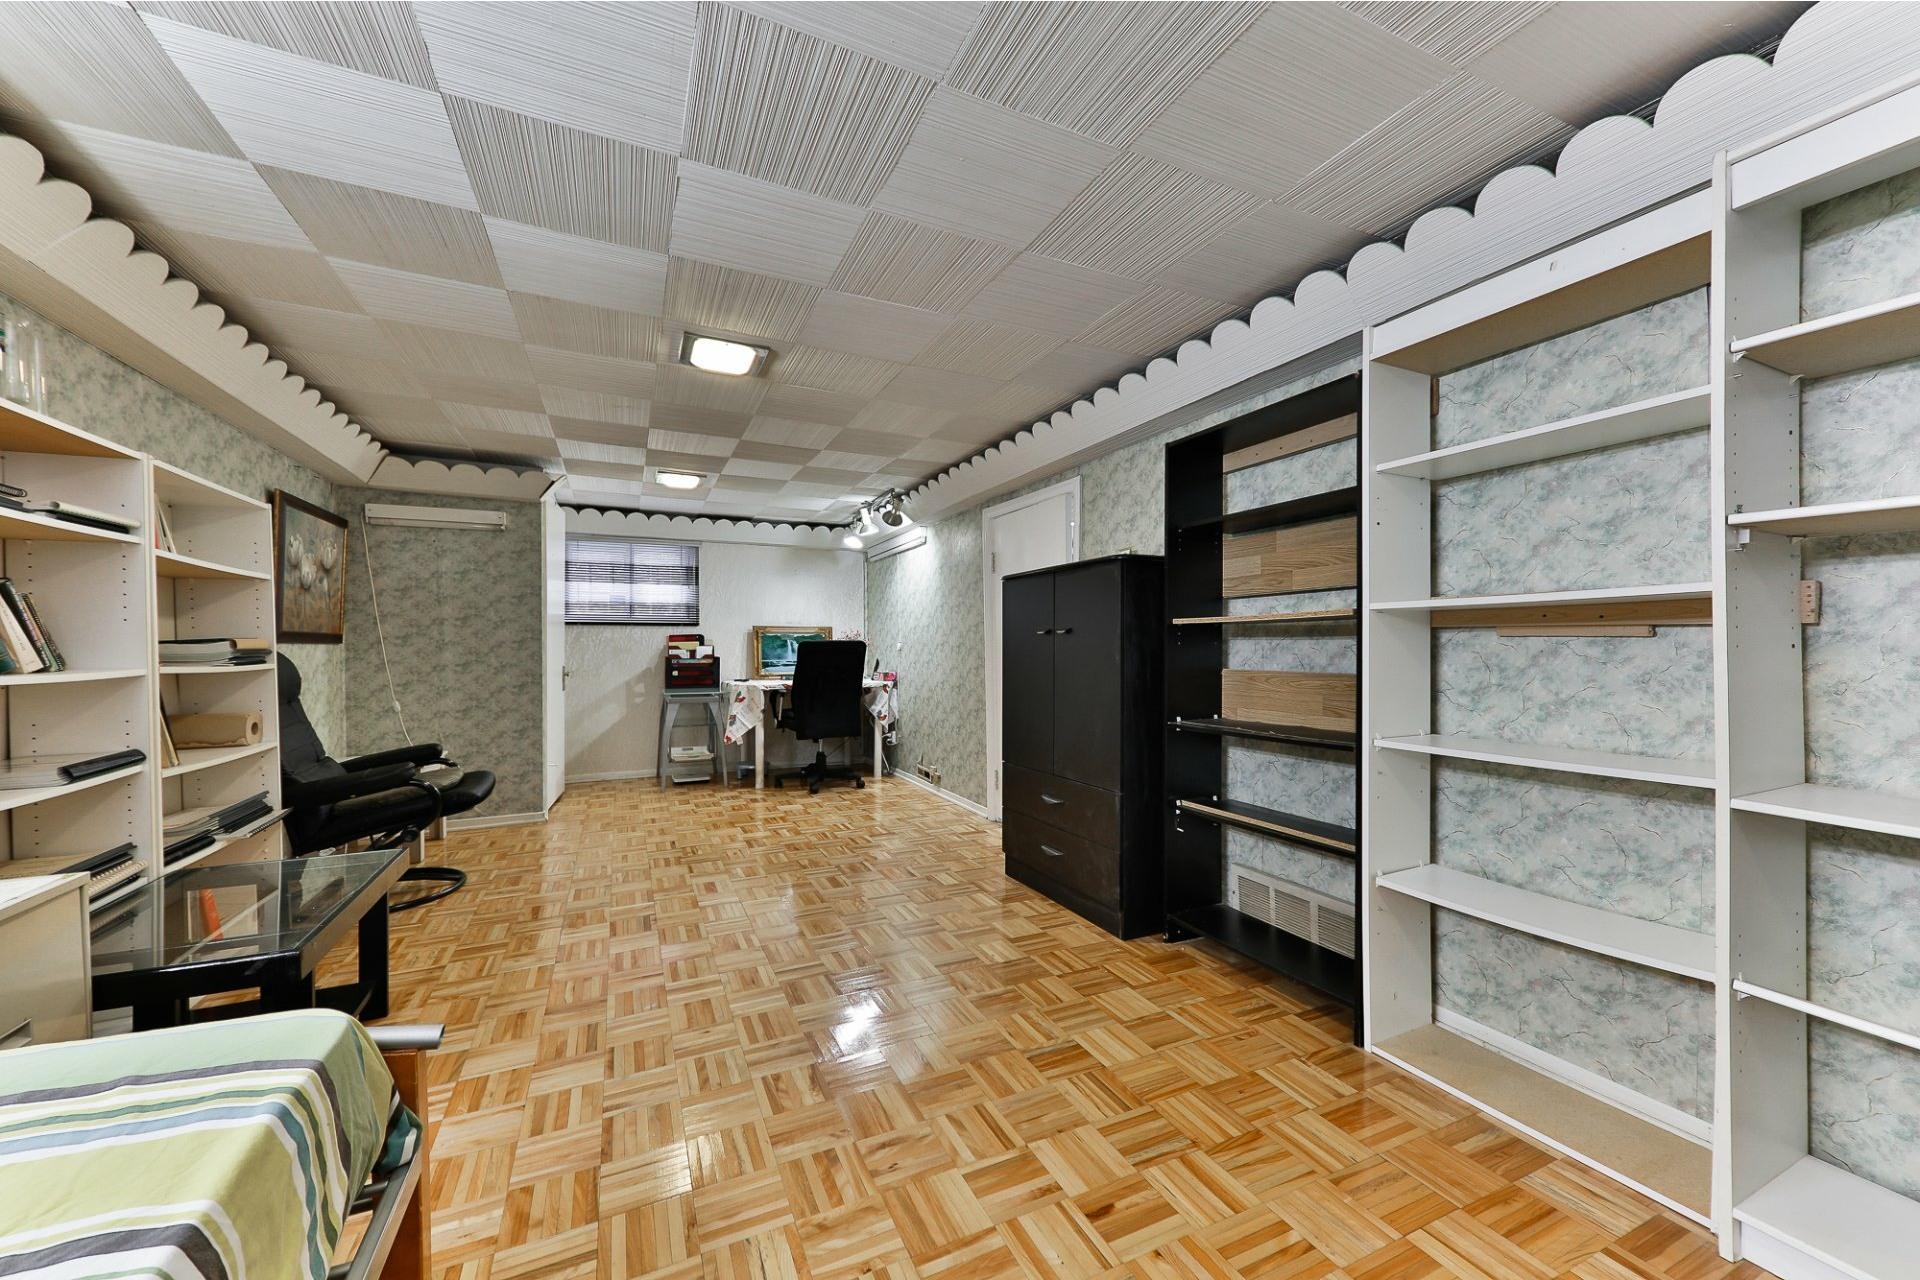 image 8 - Maison À vendre Ahuntsic-Cartierville Montréal  - 8 pièces